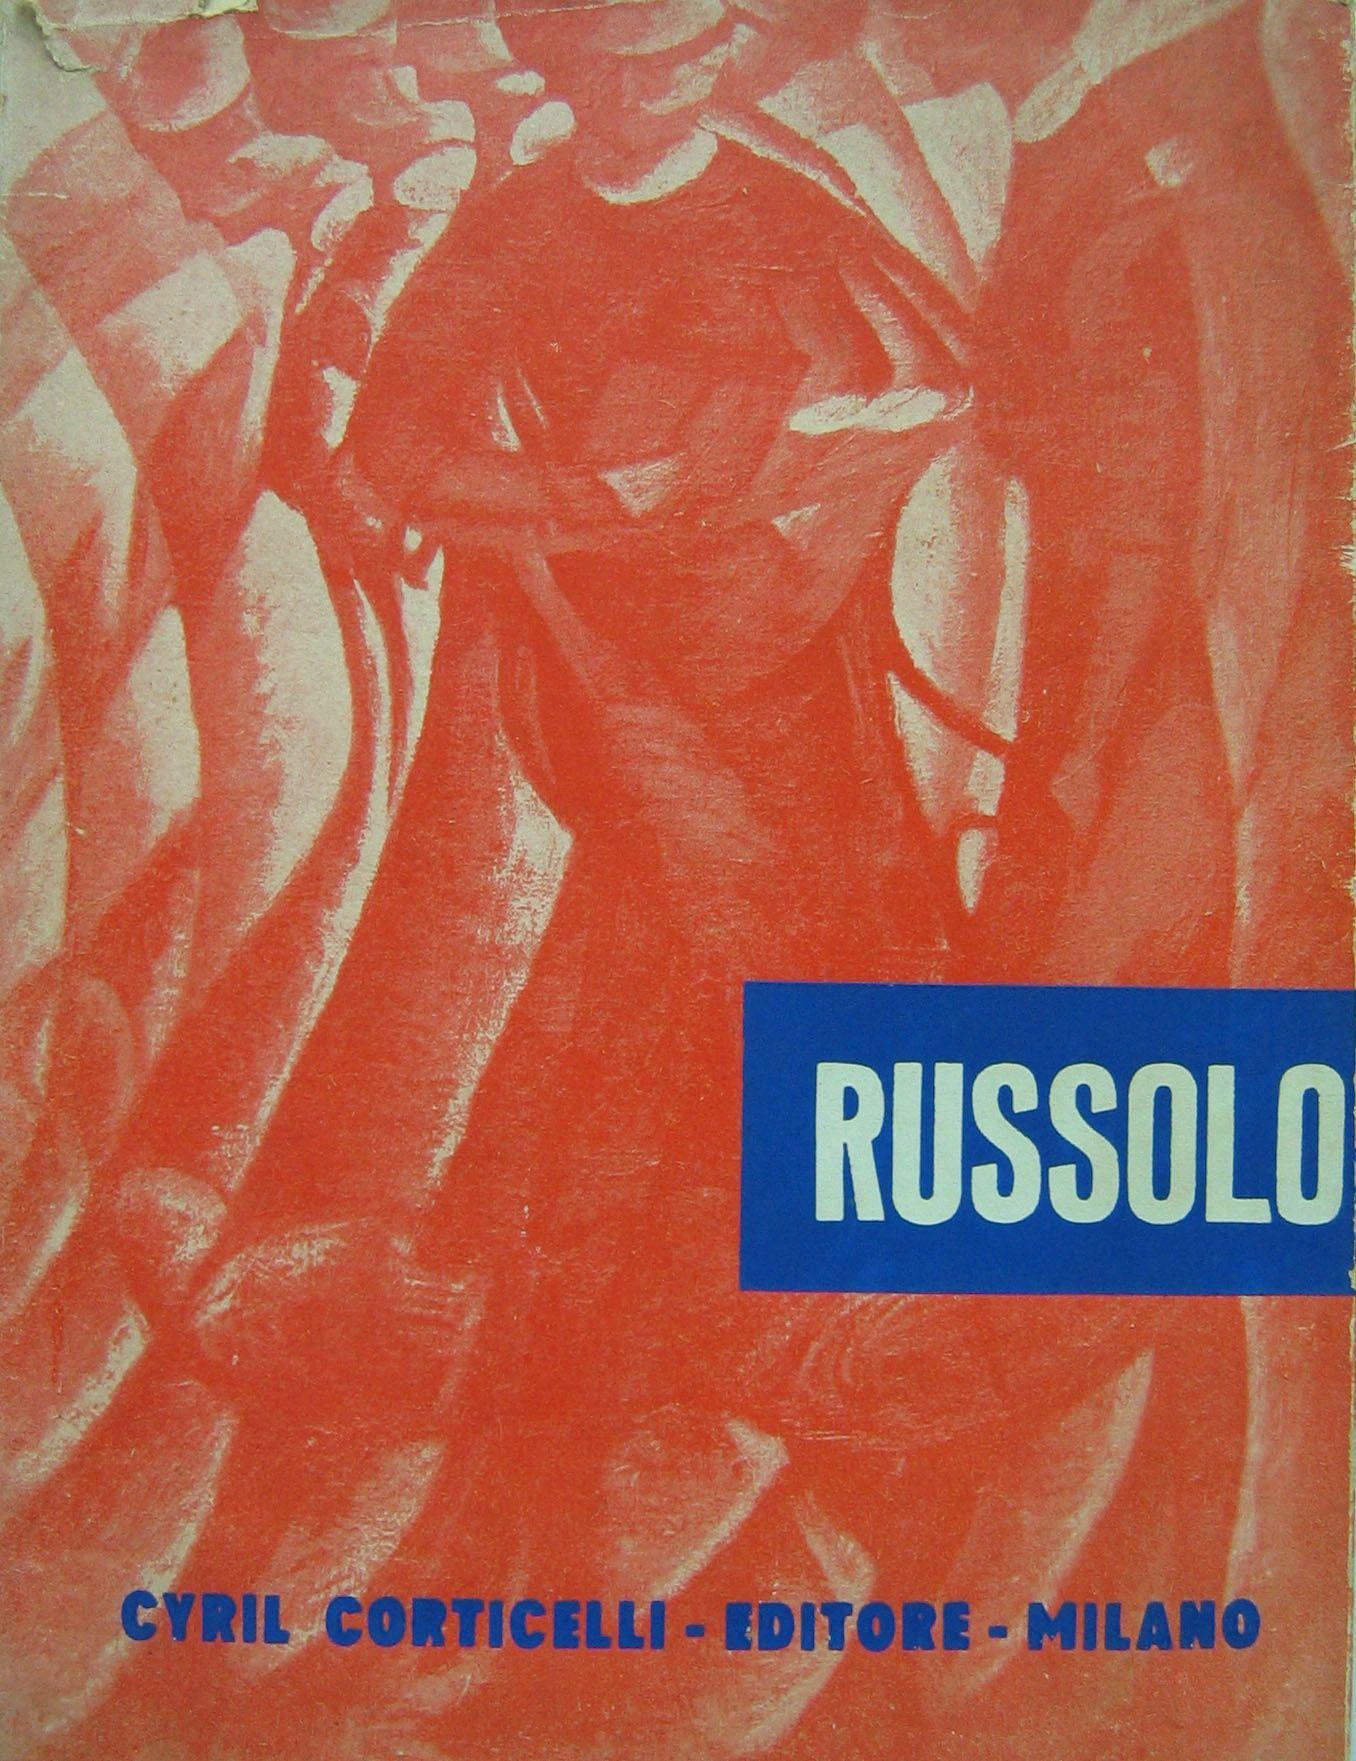 Luigi Russolo  L'uomo l'Artista 1958 dedica  E. Besozzi-per ammirazione e gratitudine M. Russolo da Cerro di Laveno 7.V.59 editore C. Corticelli Milano testo U. Nebbia pag. 126 cm. 21x16.